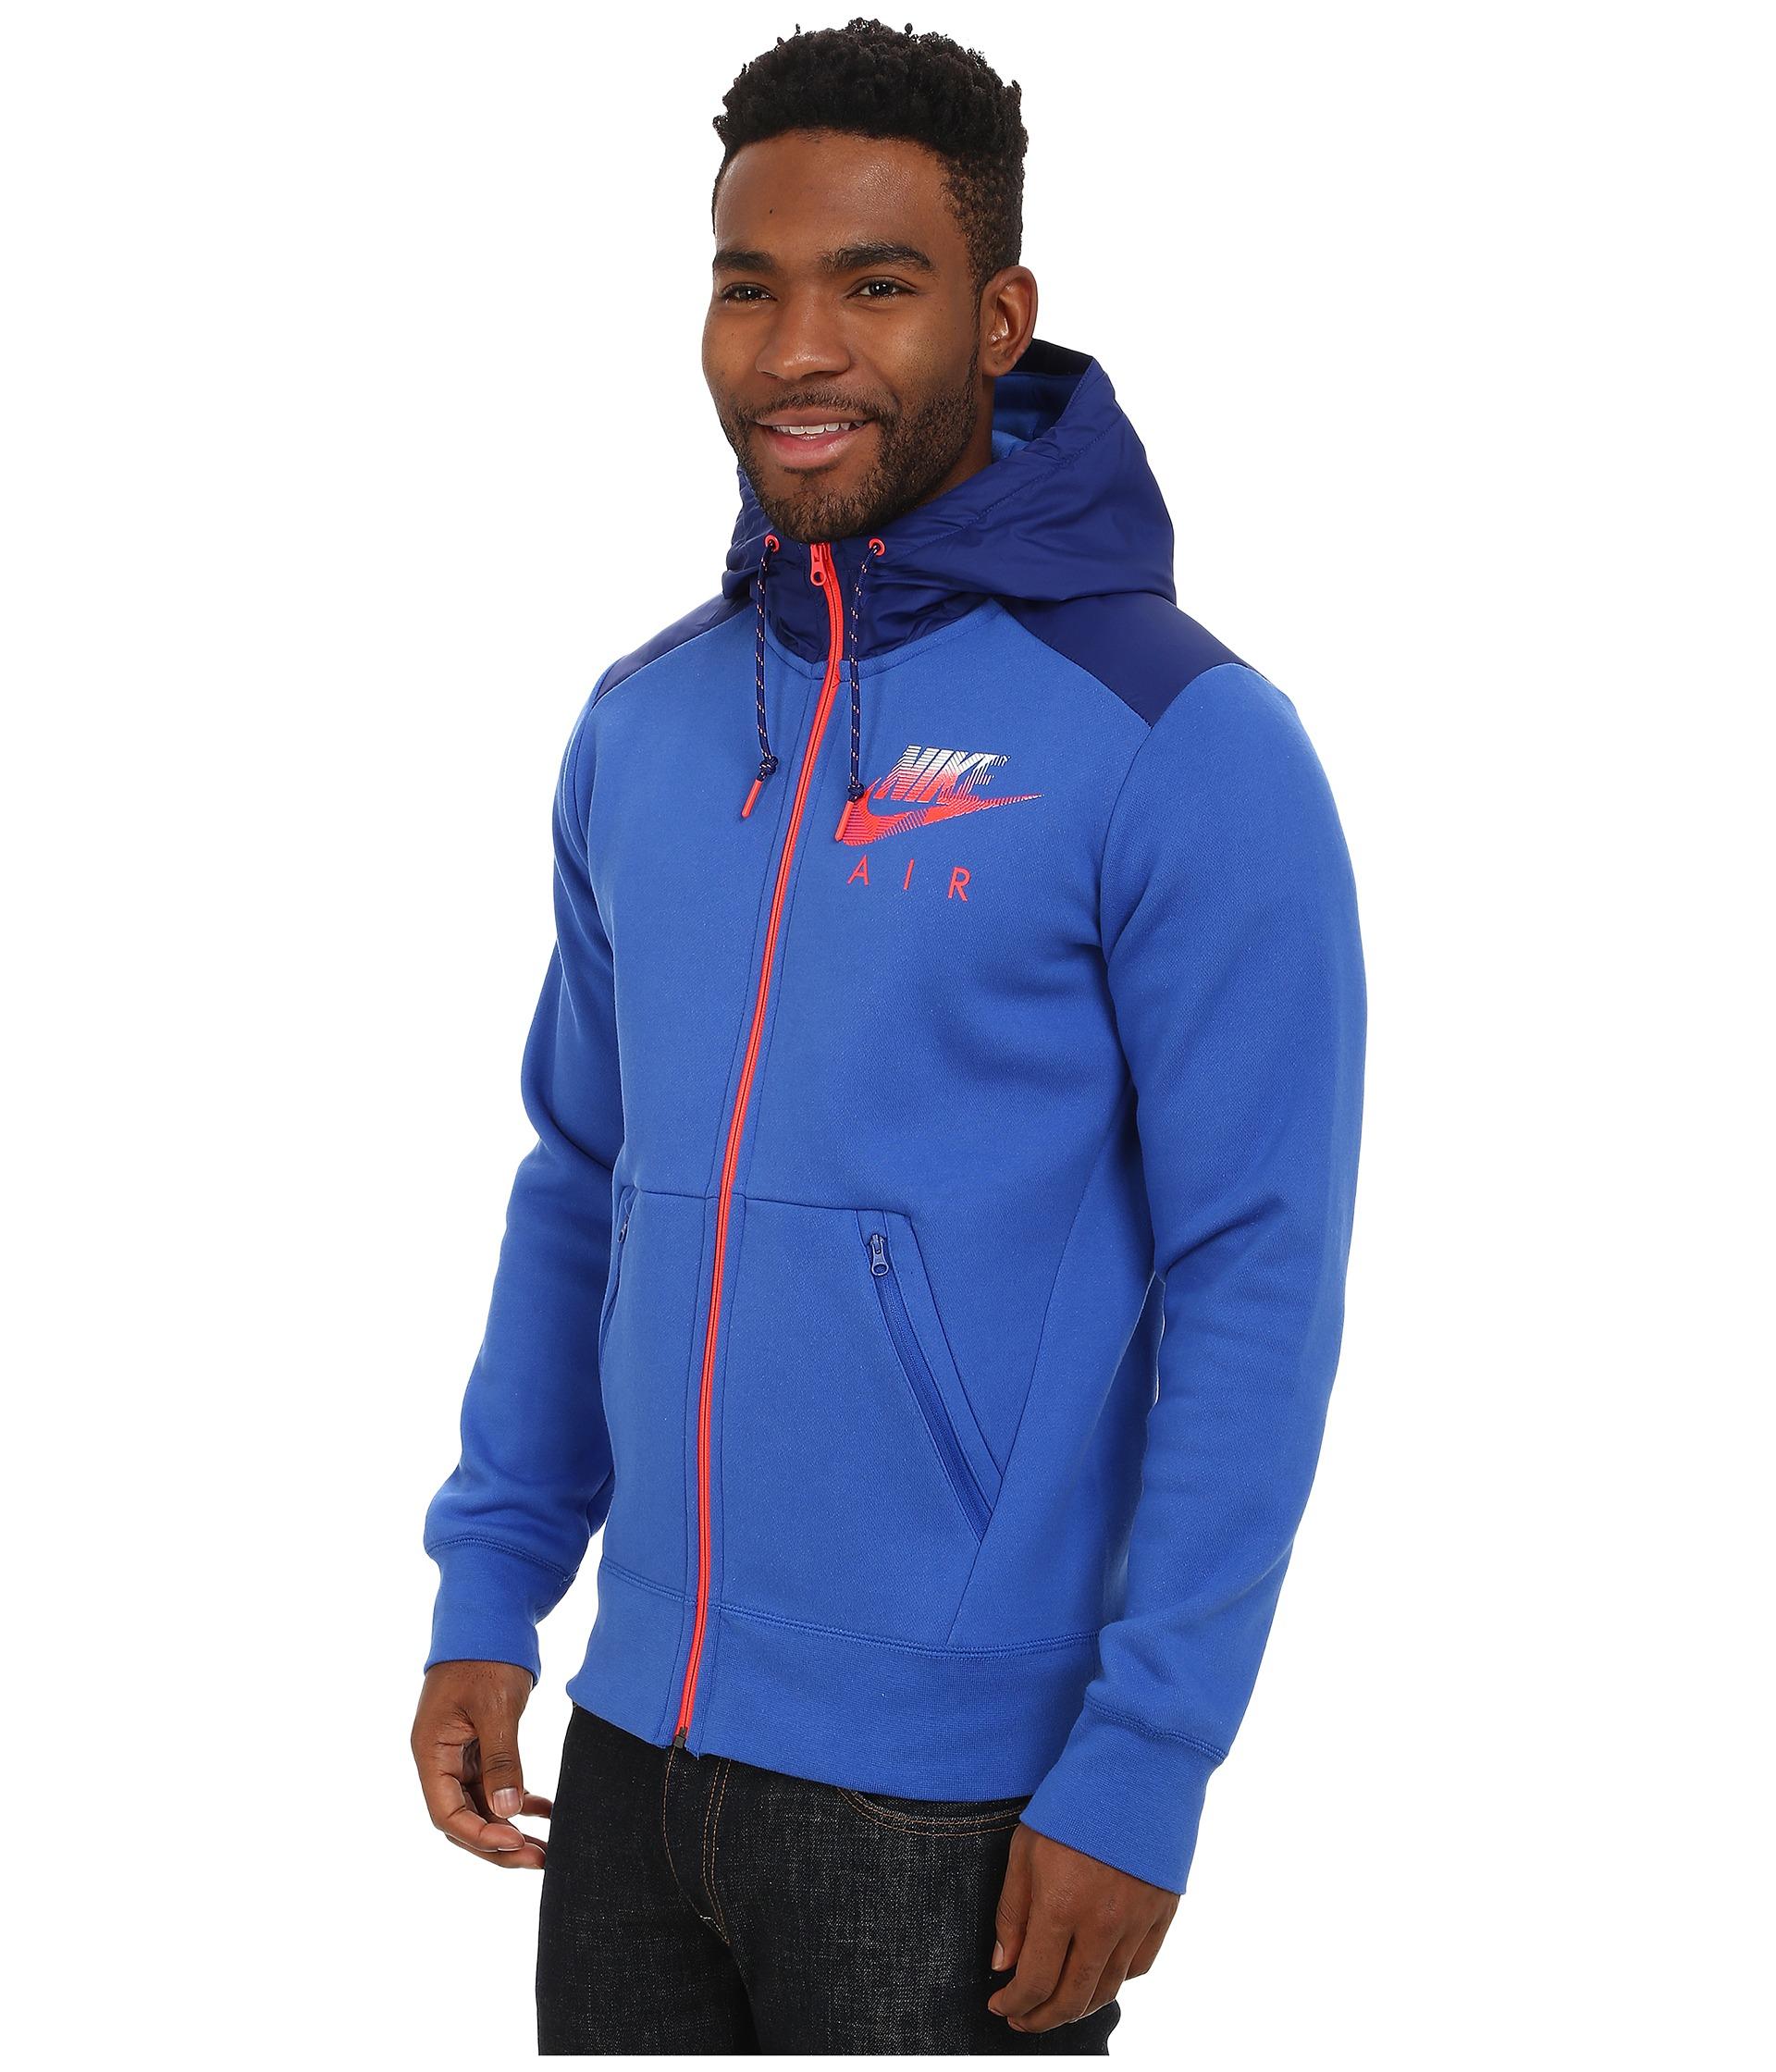 388fdaf471 Lyst - Nike Aw77 Fleece Full-zip Hoodie Hybrid in Blue for Men